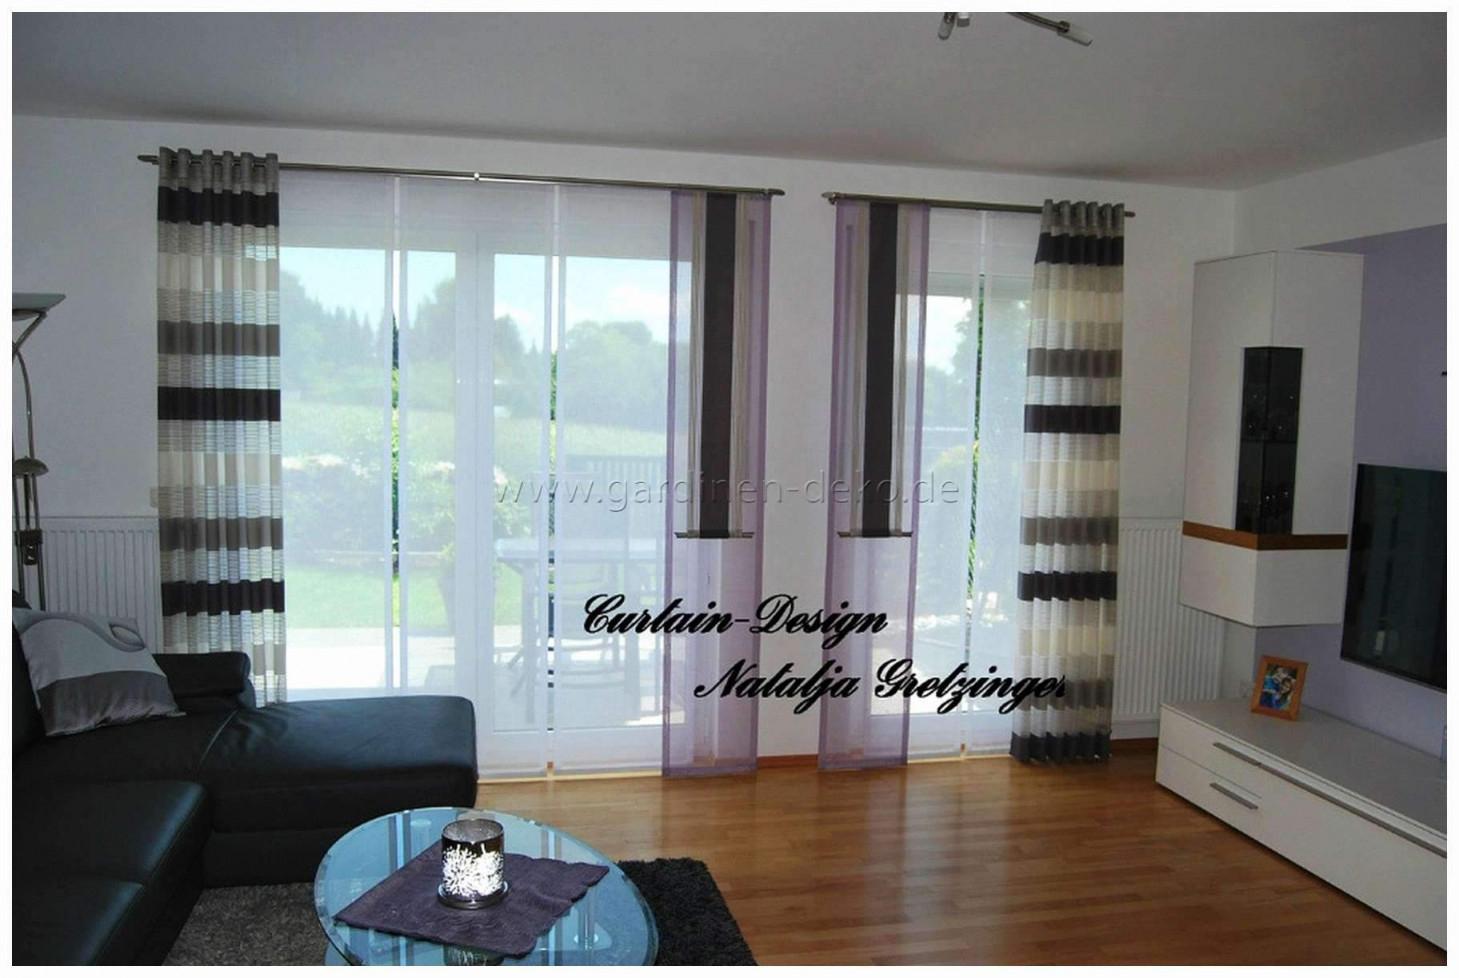 36 Frisch Wohnzimmer Gardinen Mit Balkontür Inspirierend von Gardinen Fürs Wohnzimmer Bild